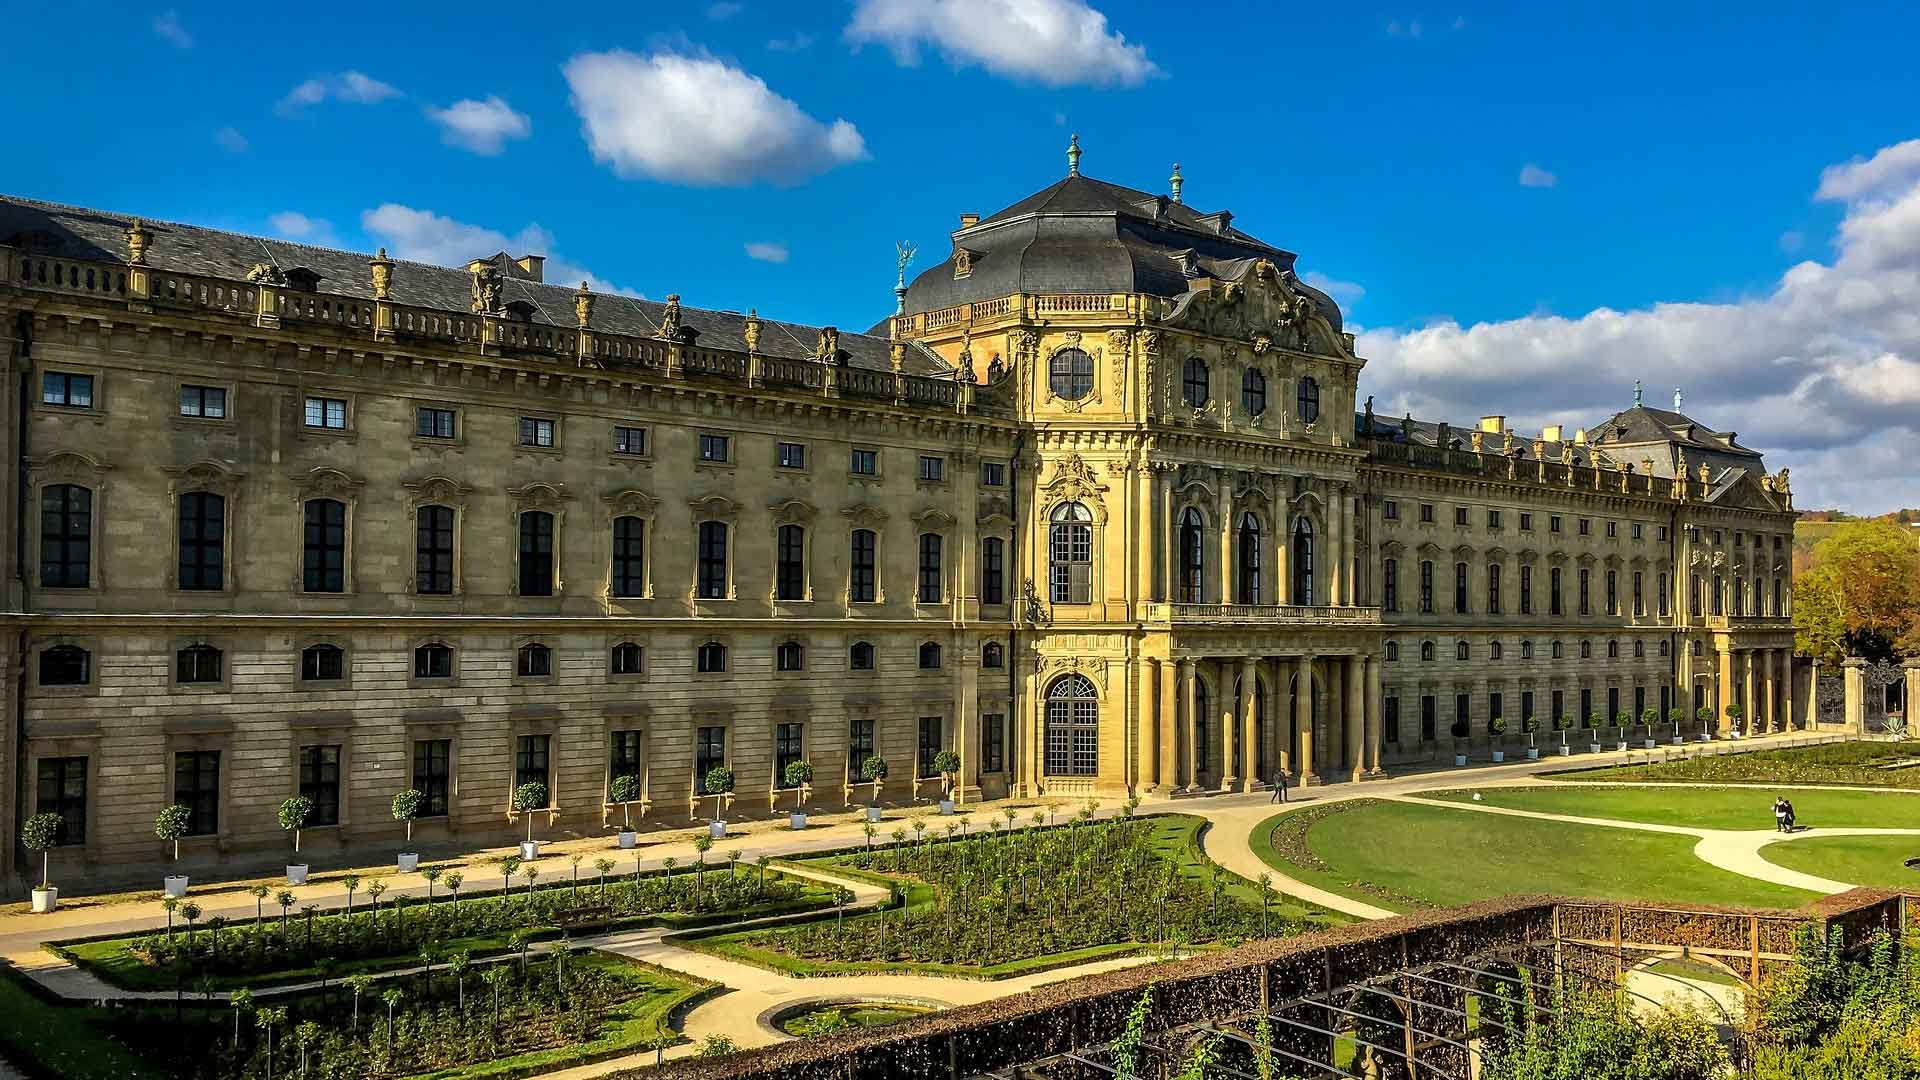 De residentie van Wurzburg is UNESCO werelderfgoed.